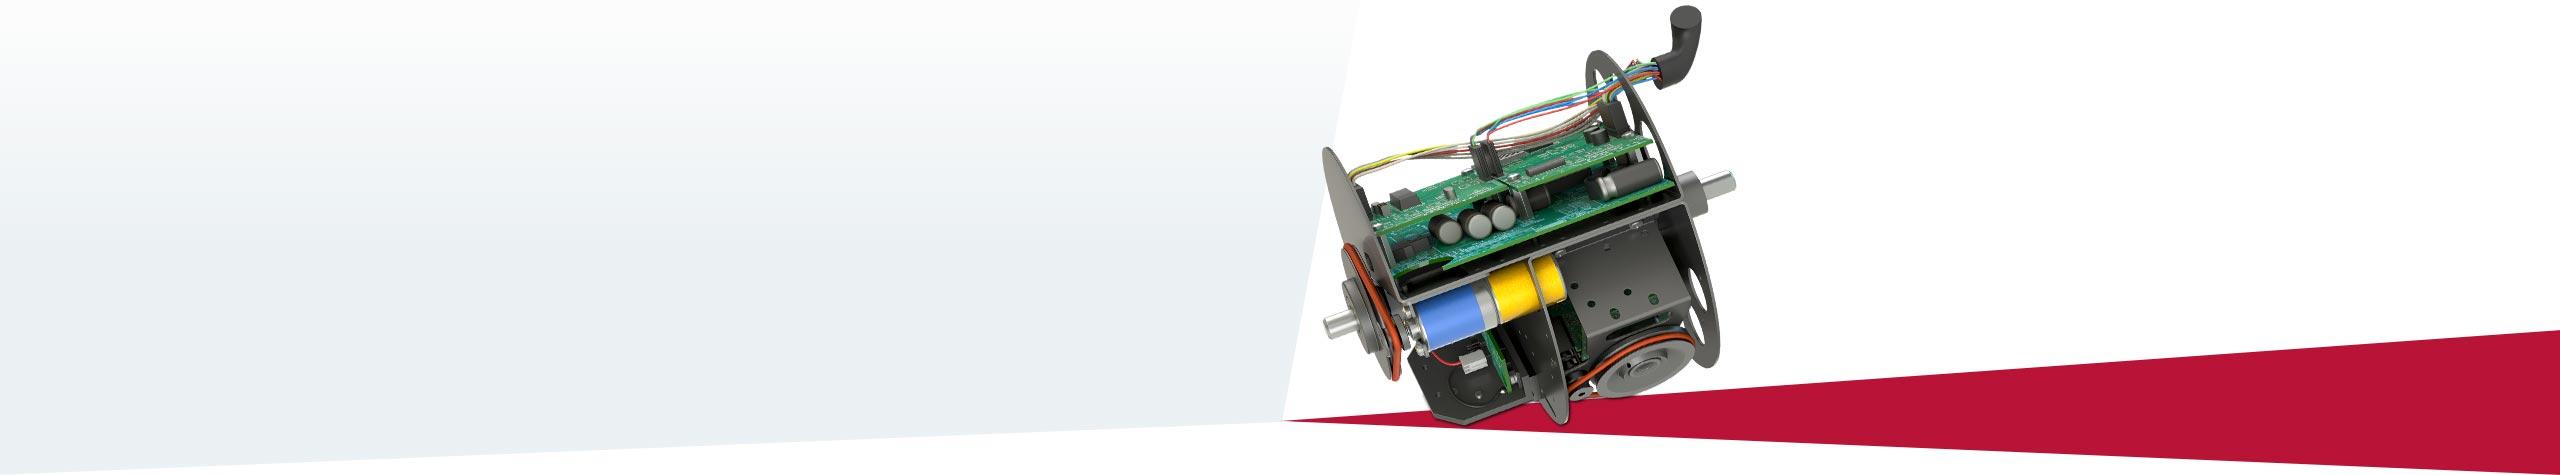 PCB-Design ECAD und MCAD im Einklang.